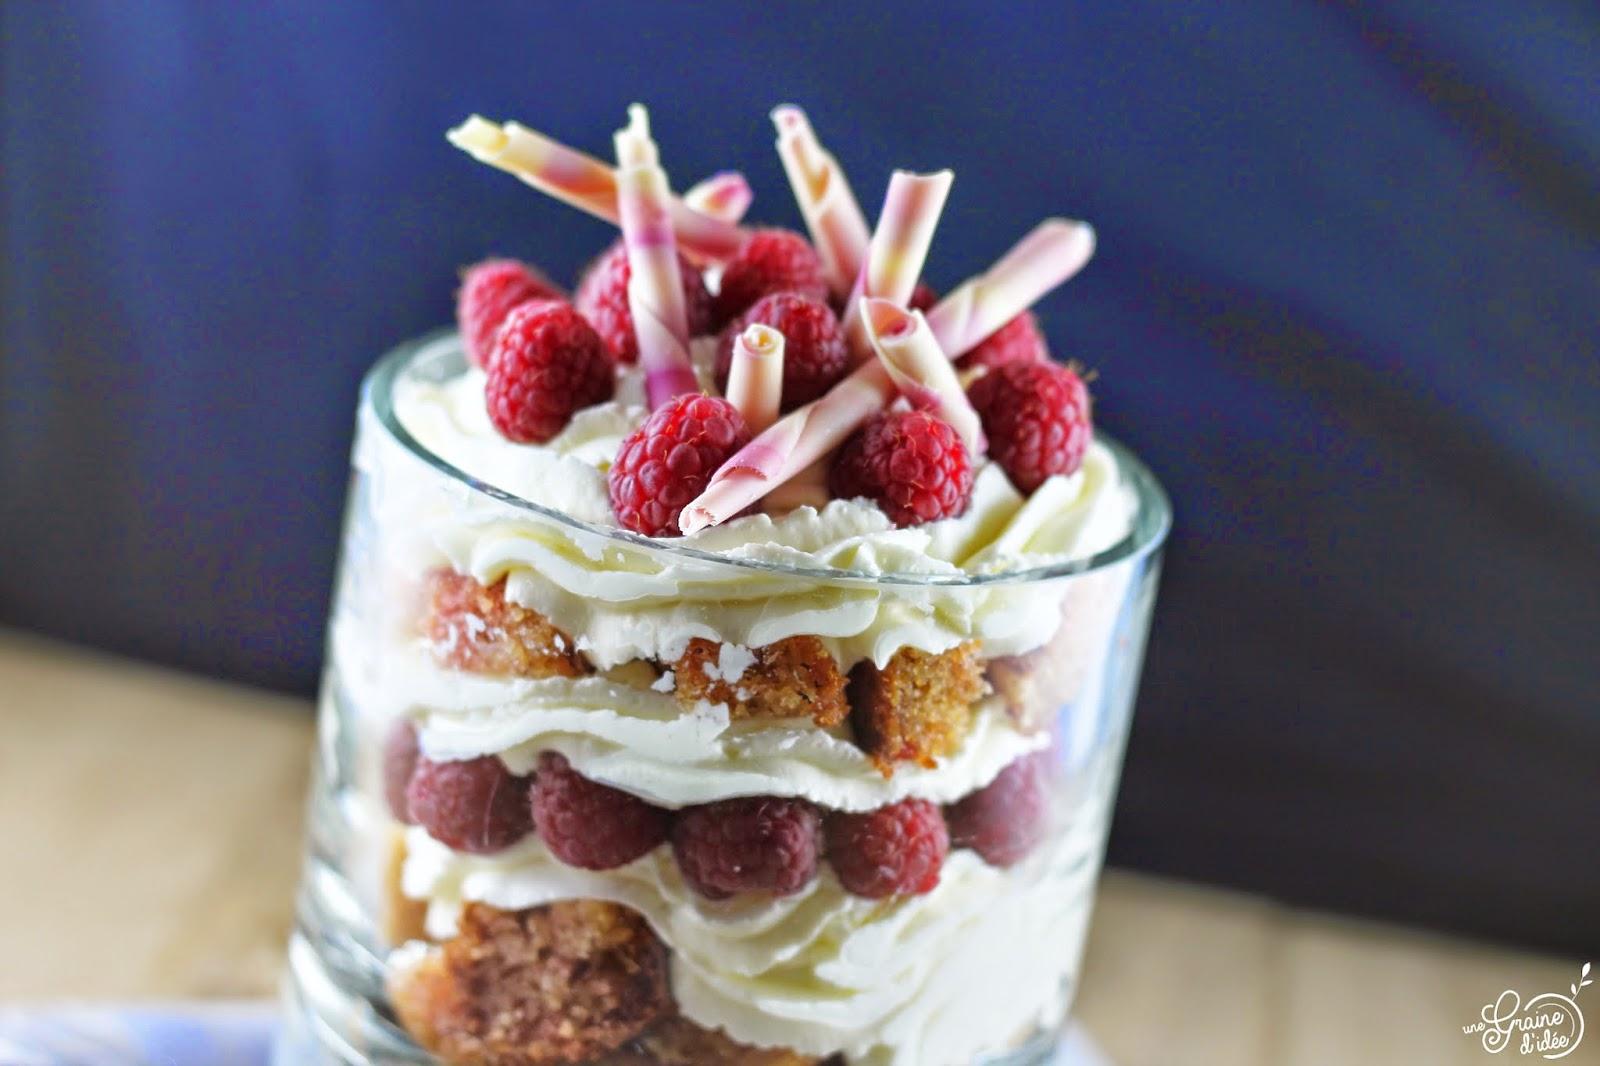 Trifle Framboises et Pralines Roses - Une Graine d'Idée